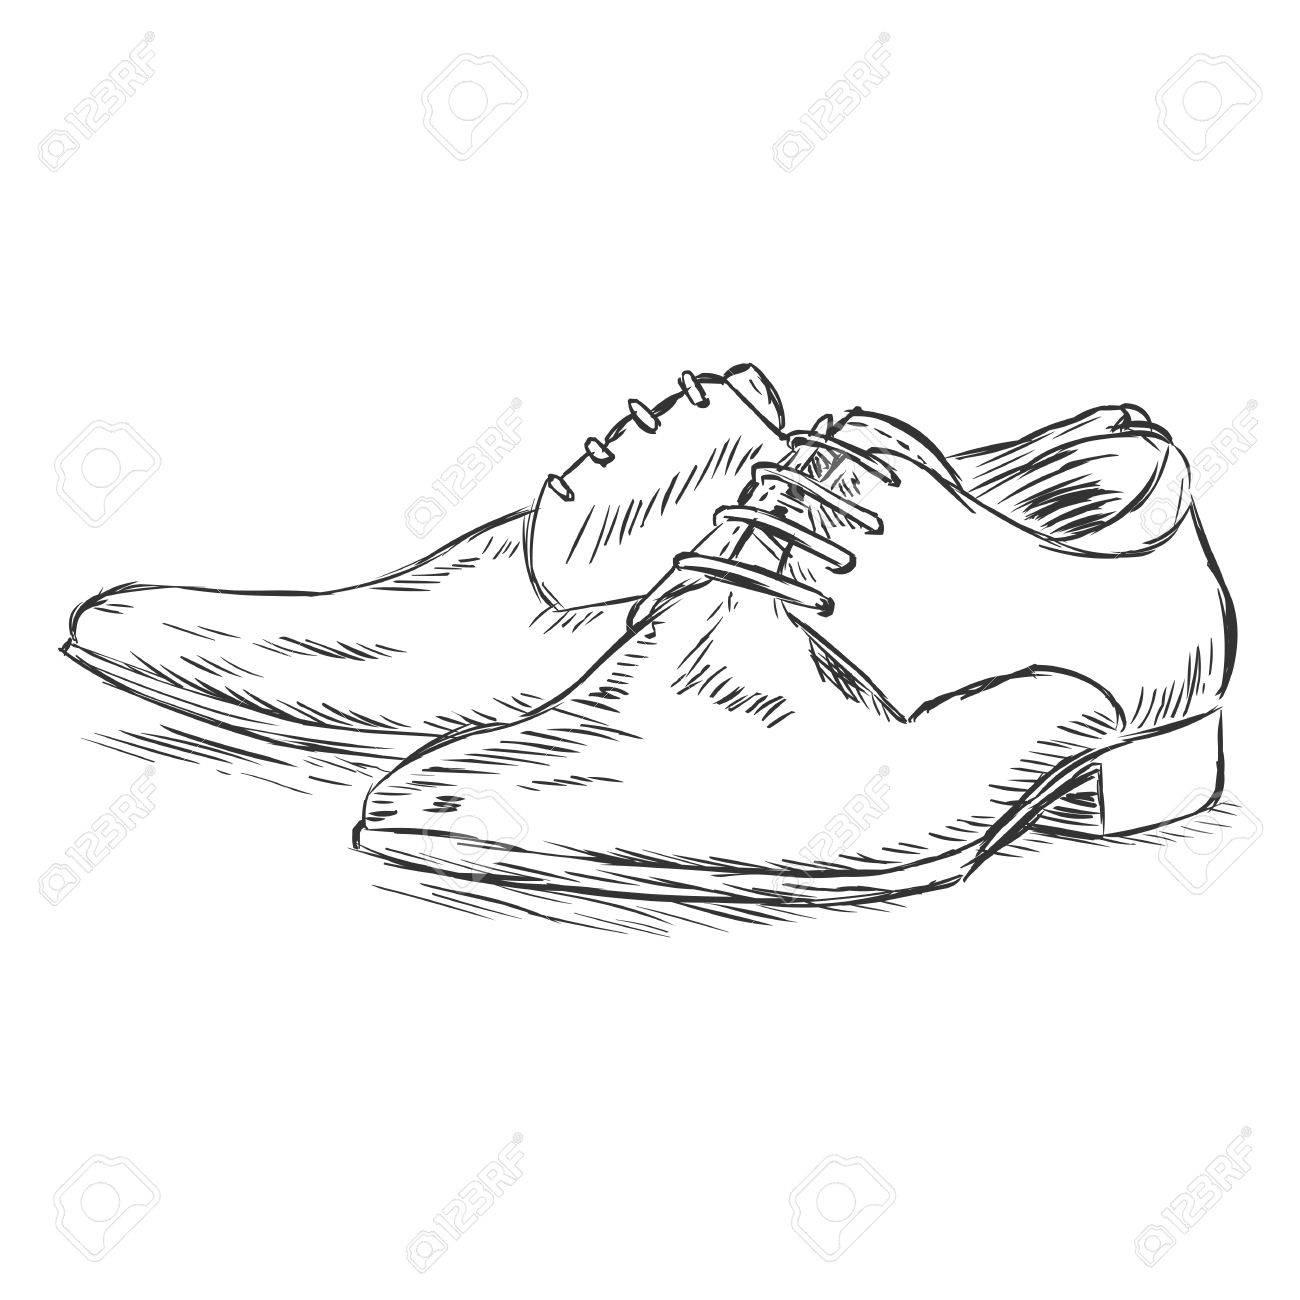 Scarpe illustrazione da vettoriale uomo schizzo rOqr8Rn